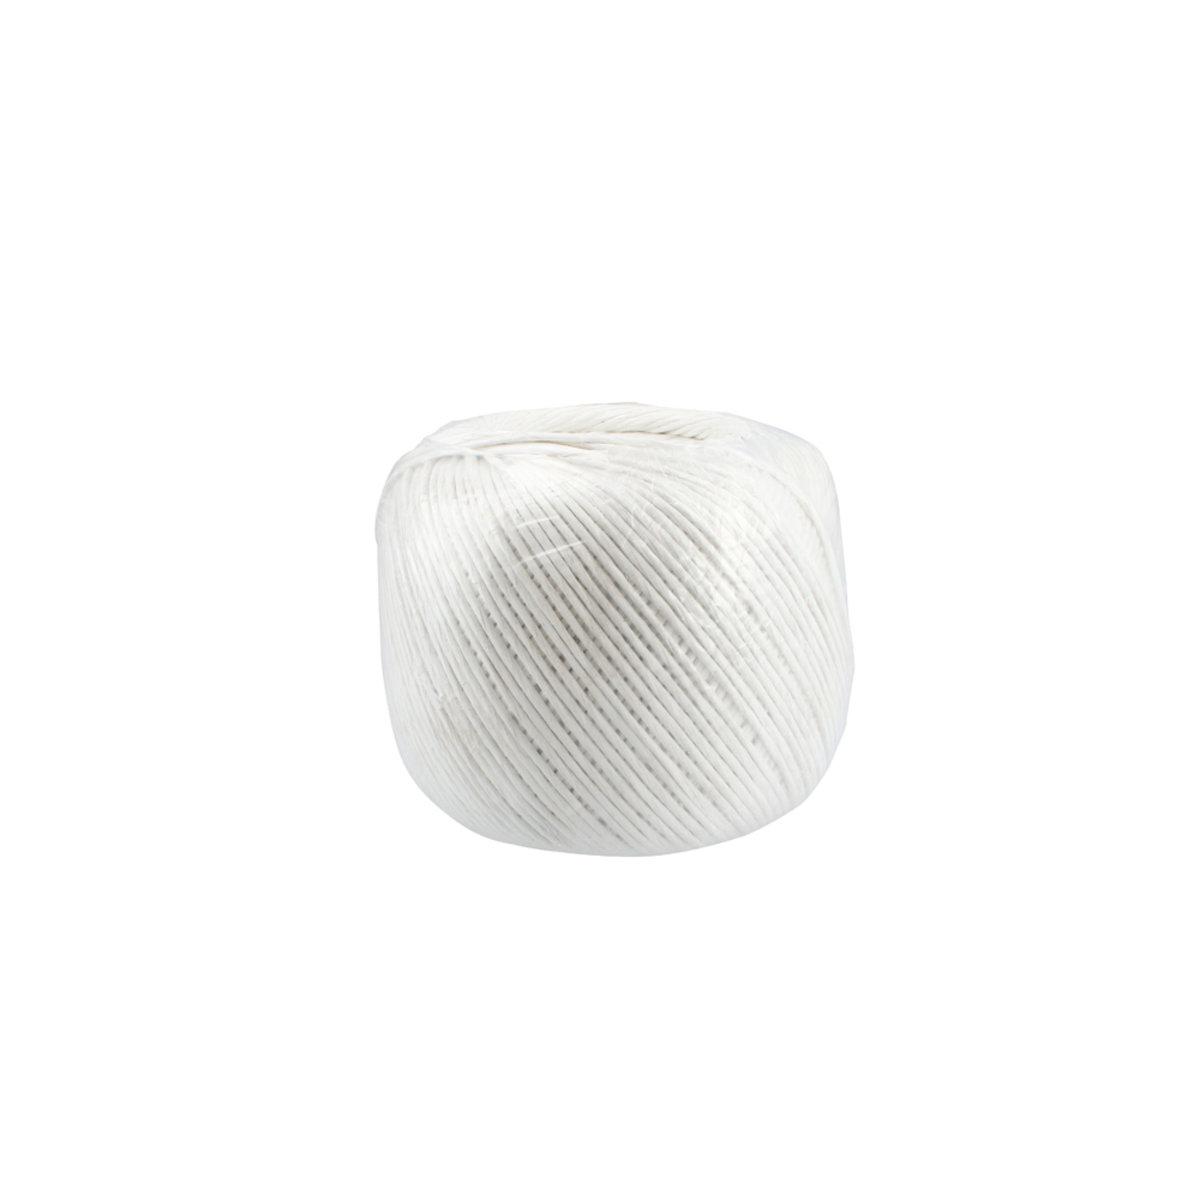 Rafia De Polipropileno 900G Calibre 2.2 Color Blanco Surtek